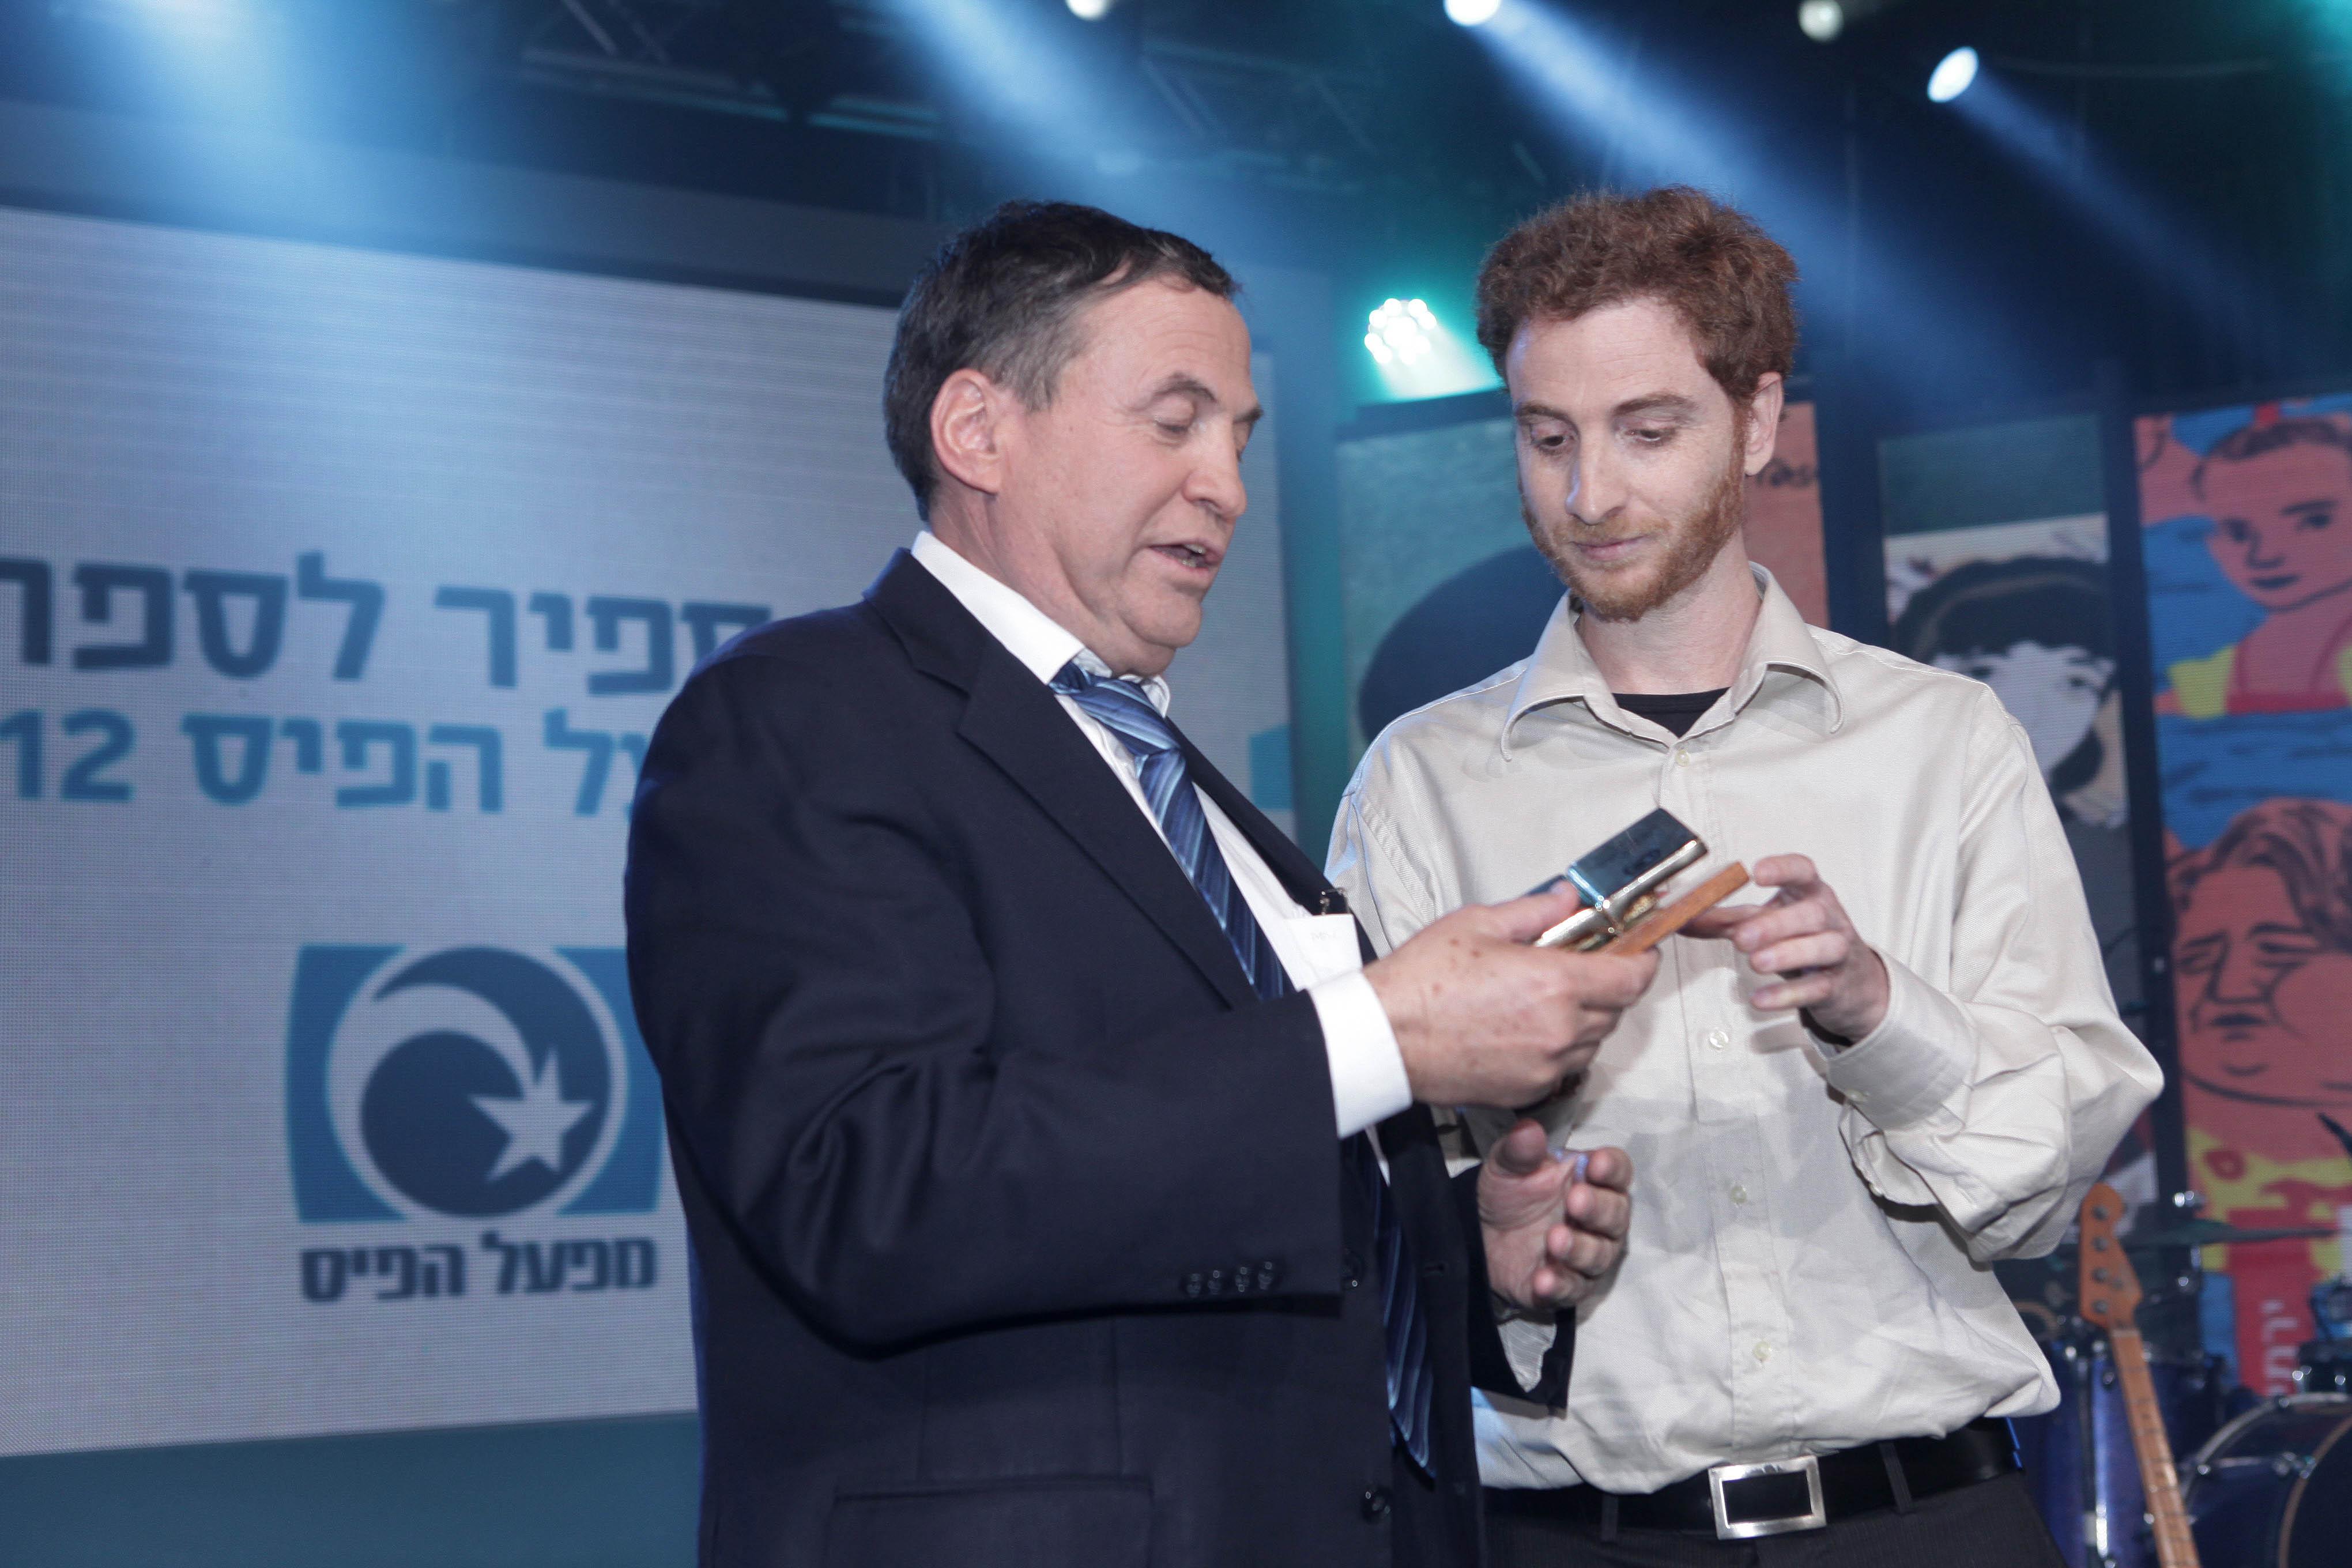 שמעון אדף - הזוכה בפרס ספיר לספרות של מפעל הפיס לשנת 2012